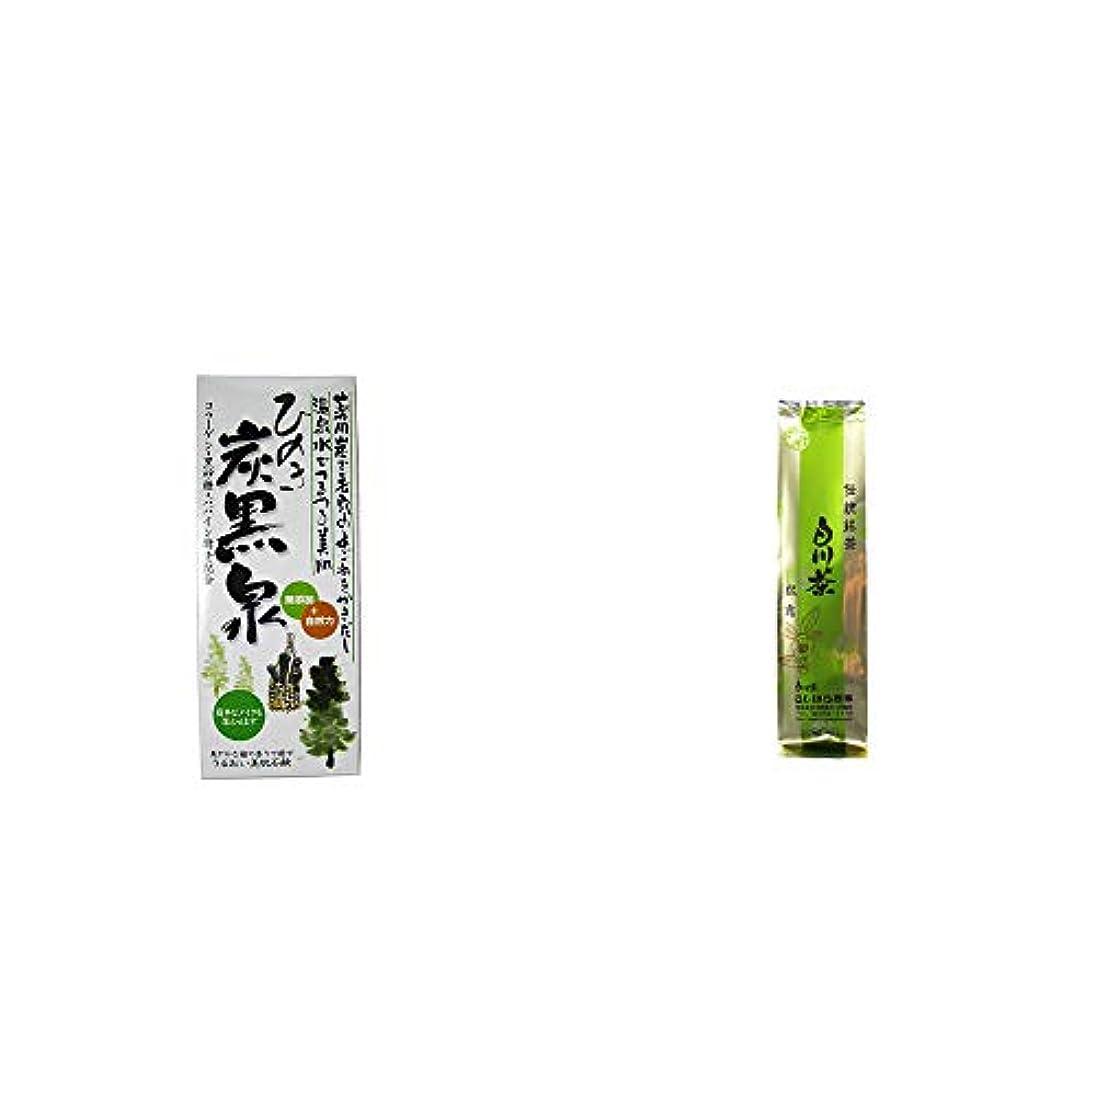 グリーンバック値下げ不愉快[2点セット] ひのき炭黒泉 箱入り(75g×3)?白川茶 伝統銘茶【松露】(180g)